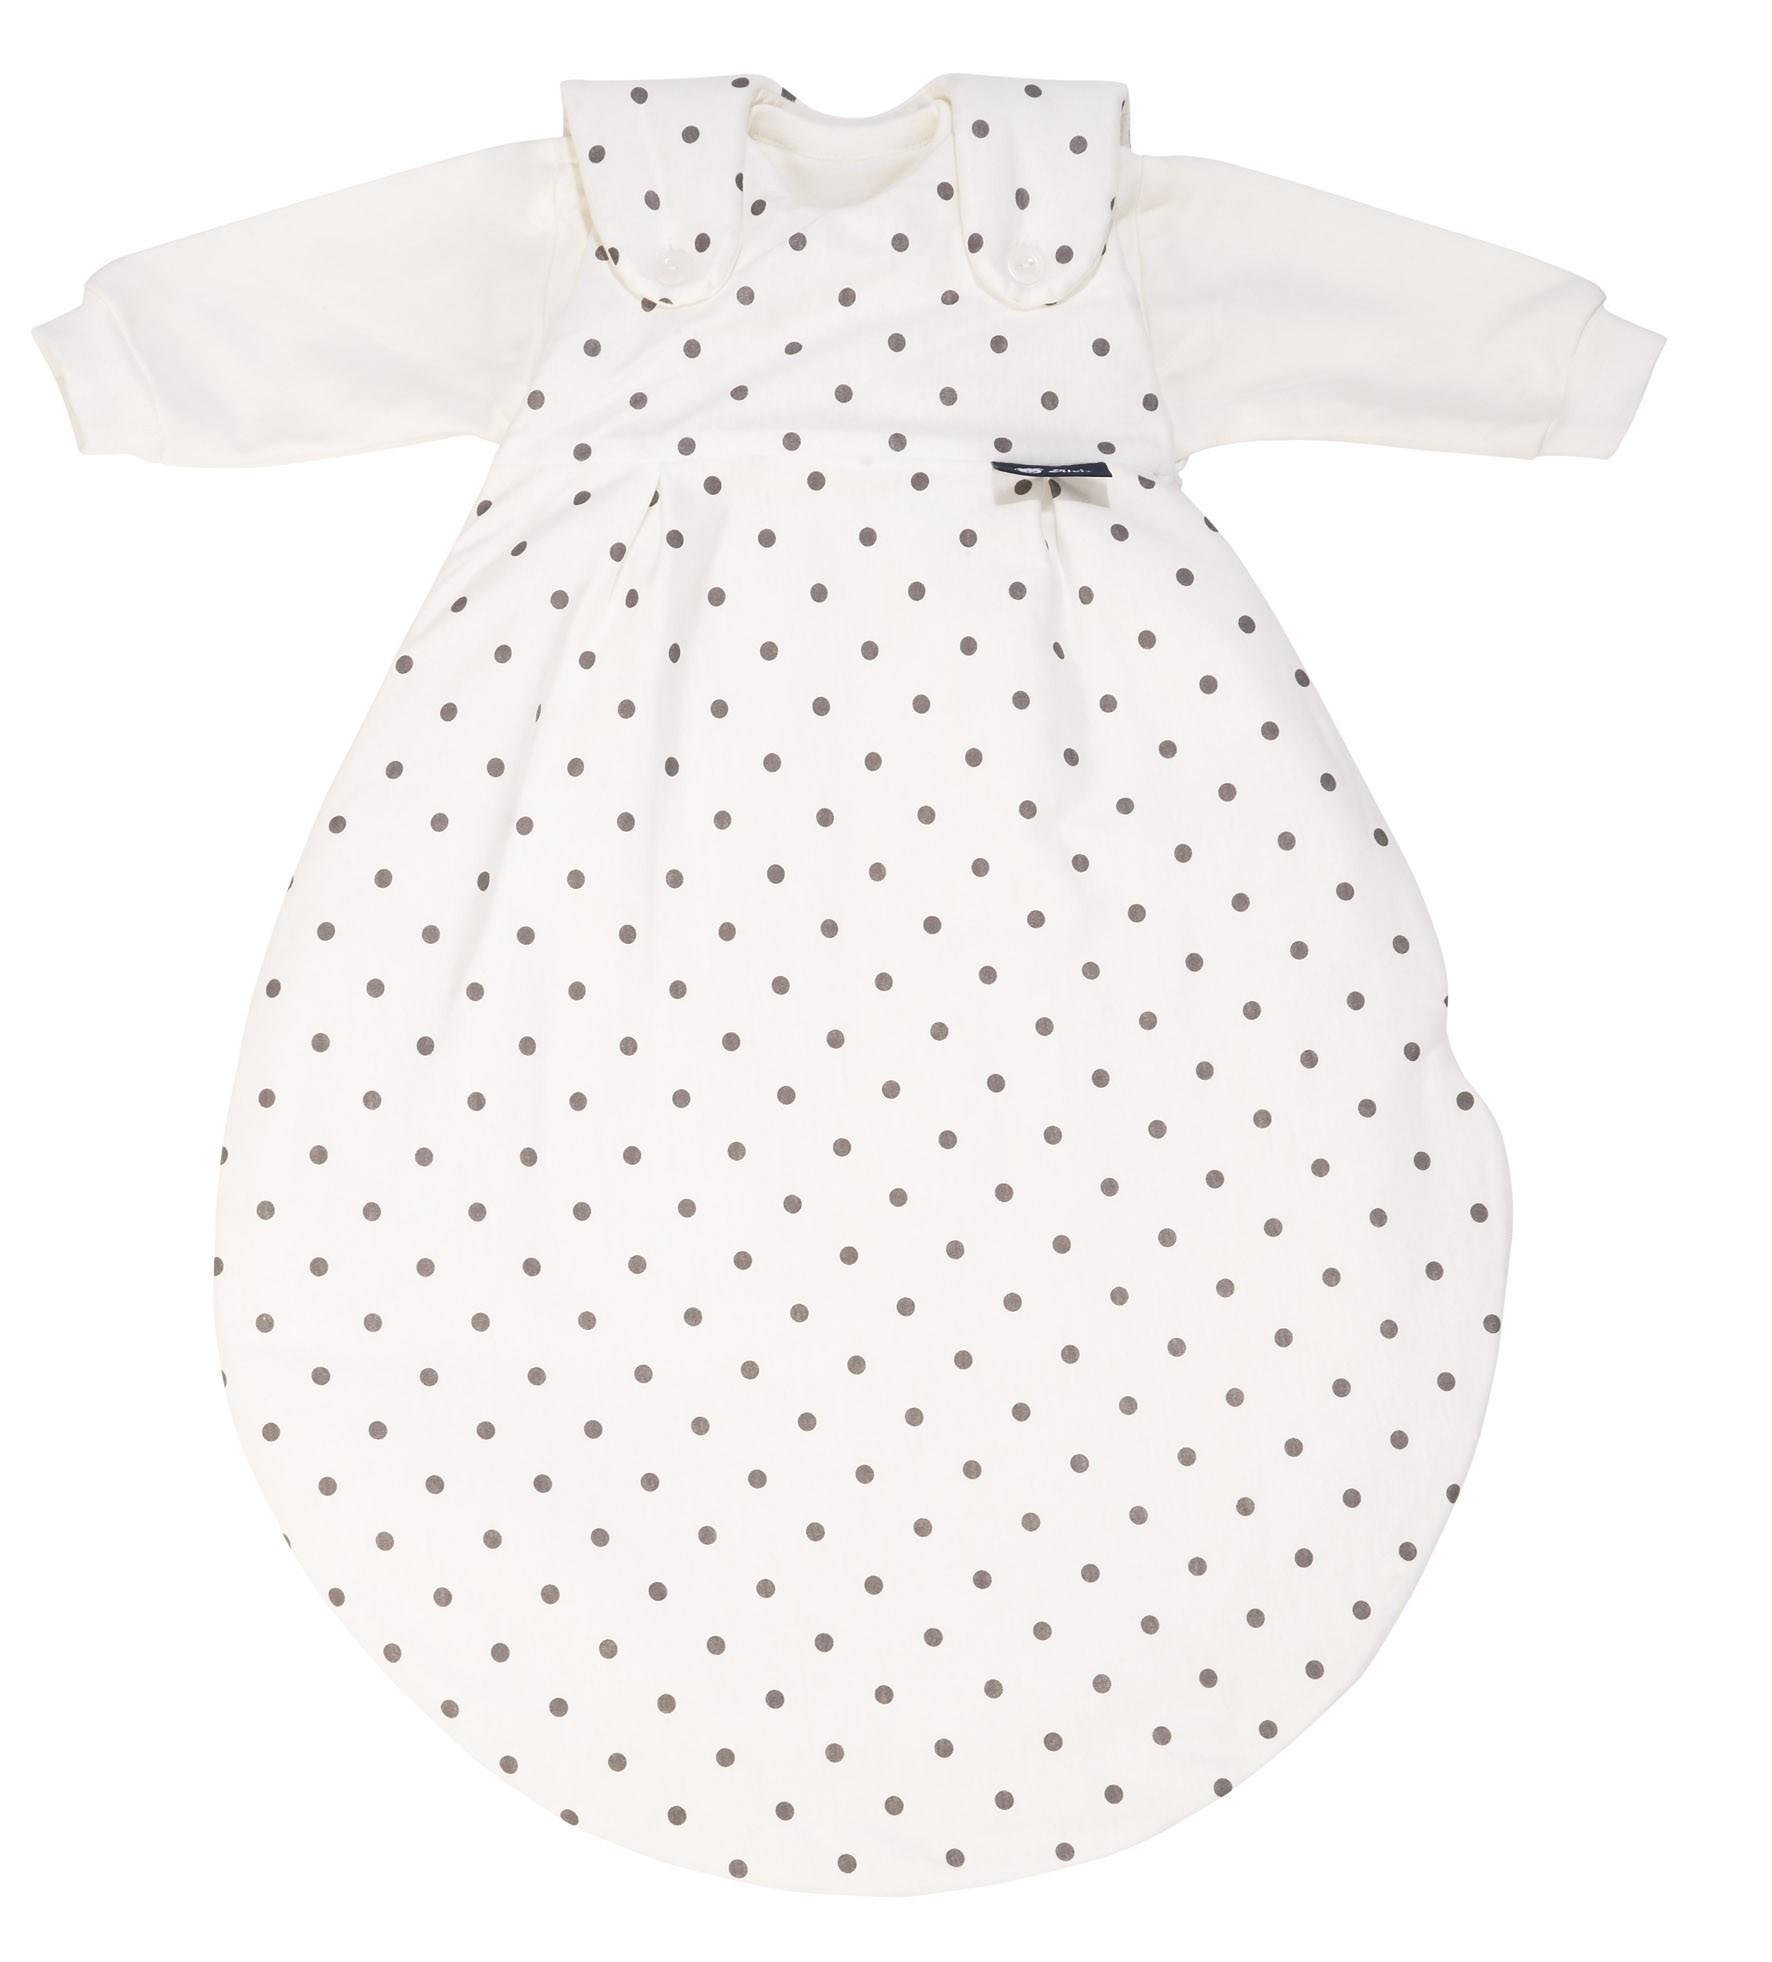 Alvi Baby Mäxchen Schlafsack 62/68 924-9 Dots grau